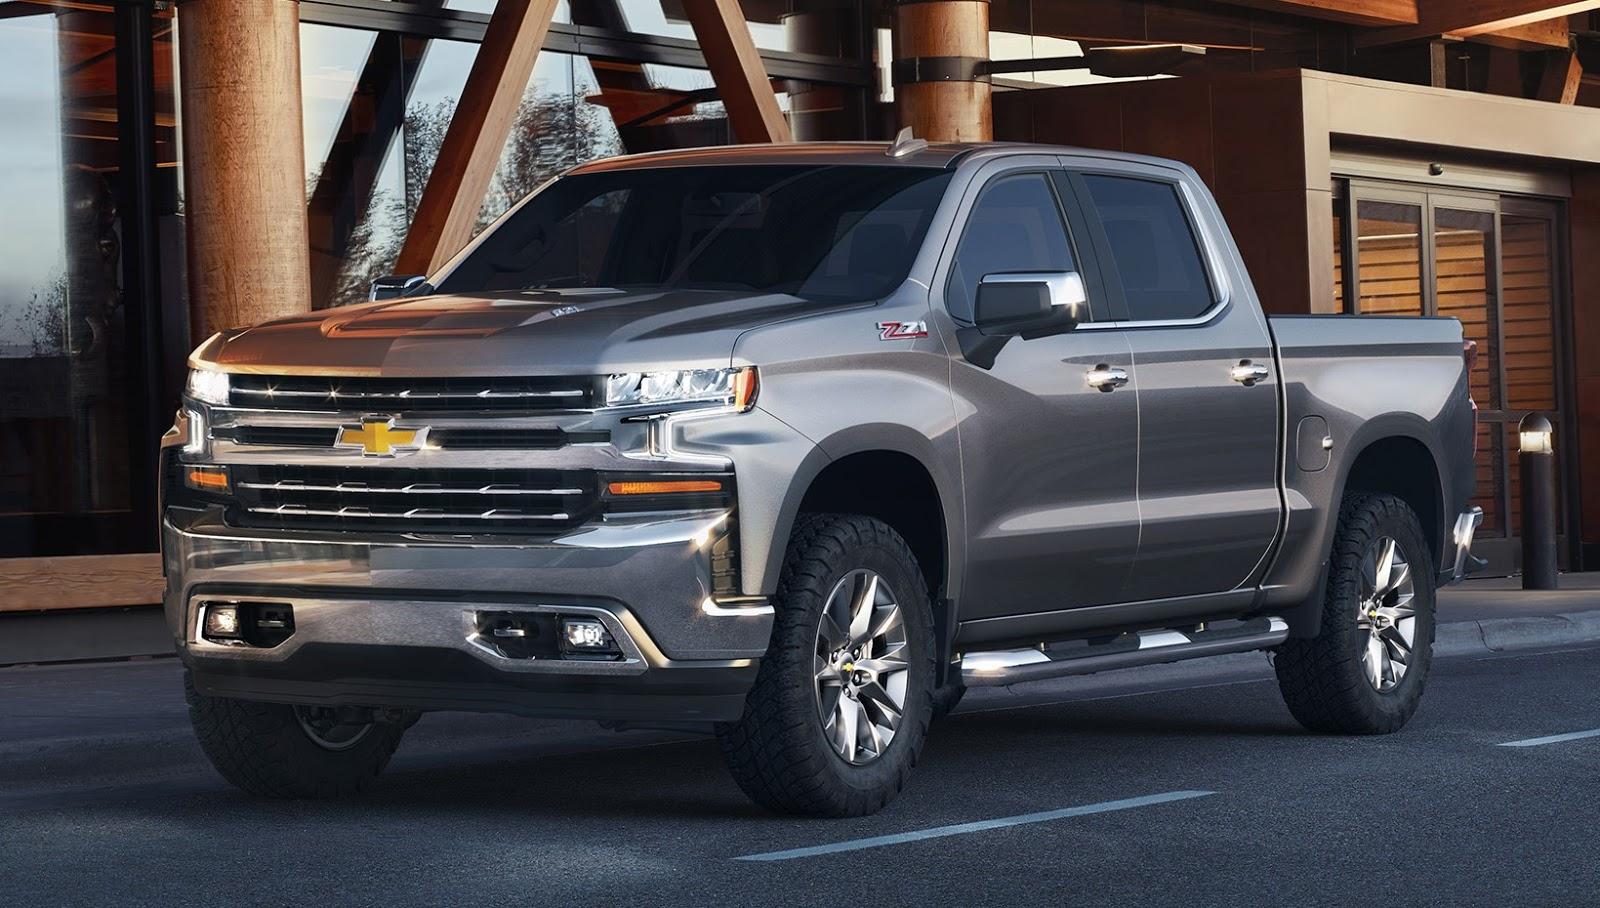 Chevrolet Silverado estreia nova geração no Salão de Detroit